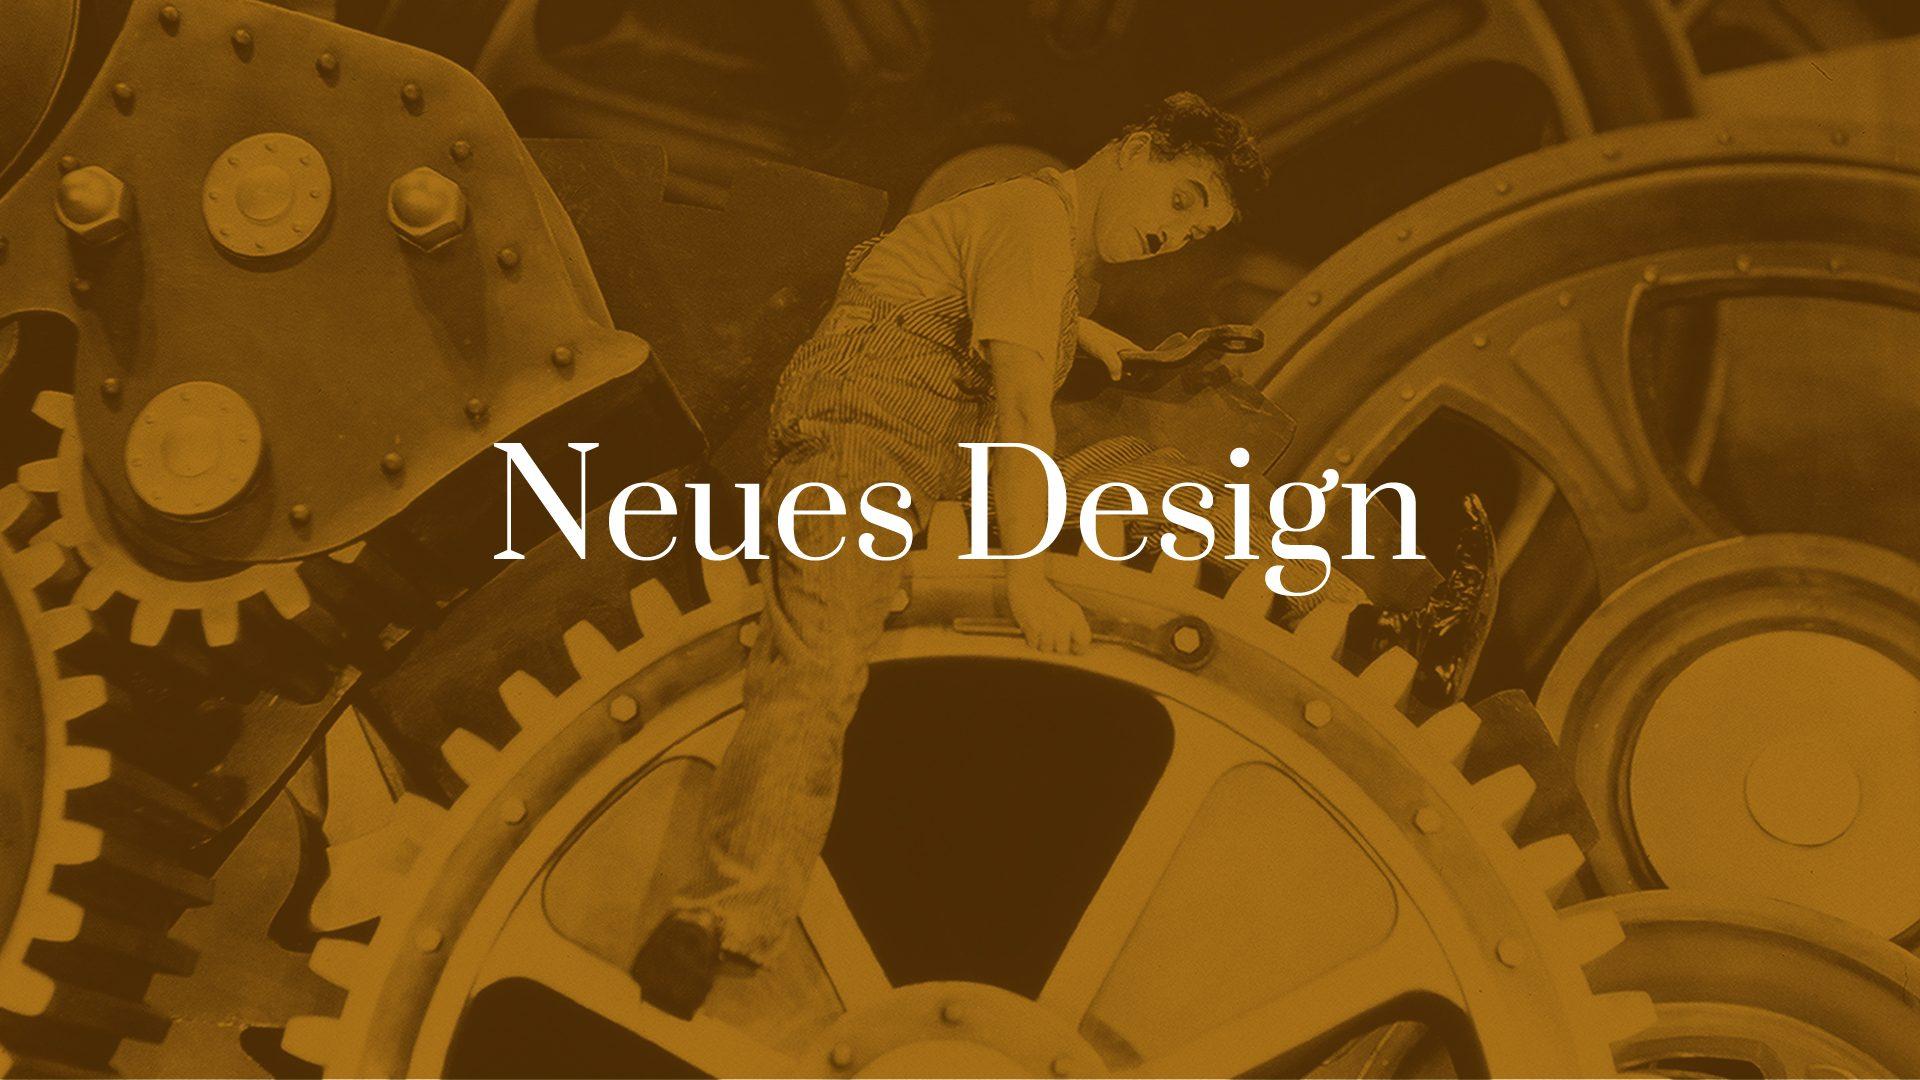 Titelbild zum Blogartikel Neues Design